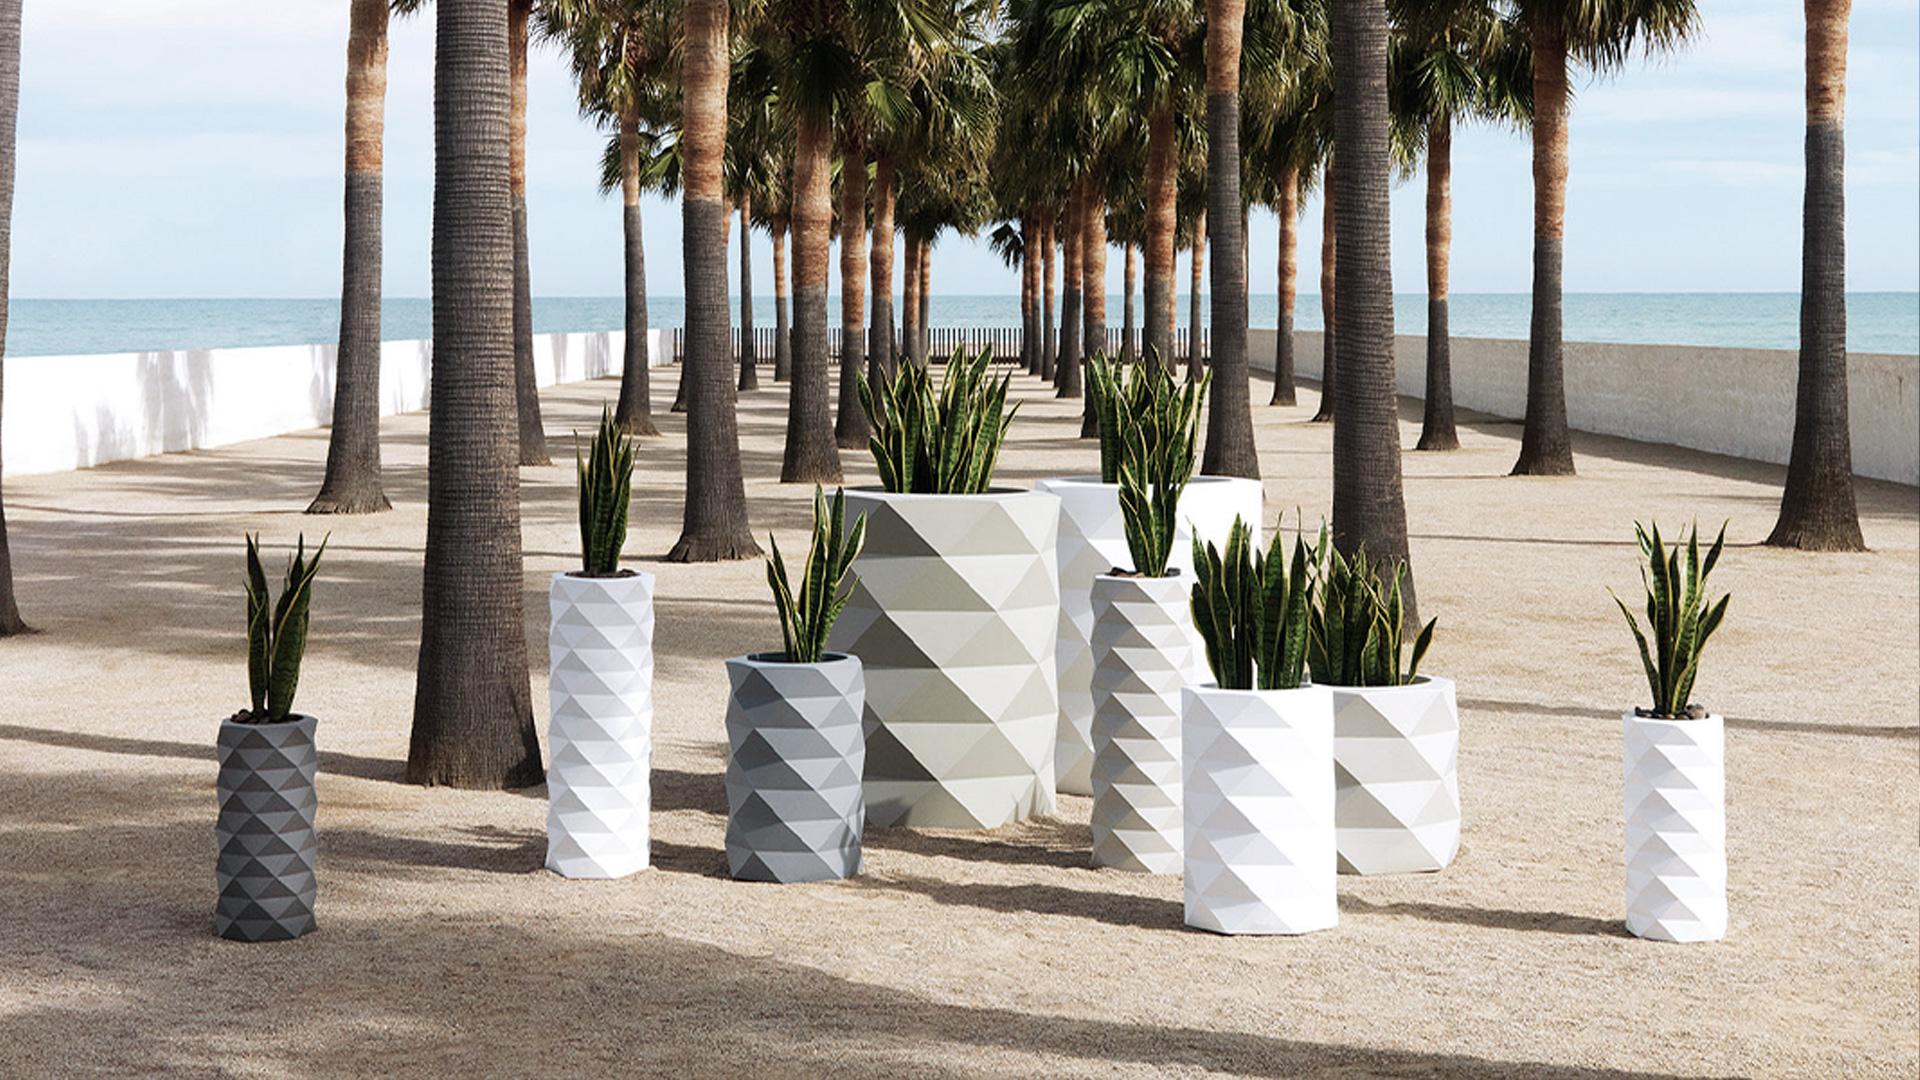 Solution Design | Vente en ligne de mobilier, luminaire et décoration design pour vos intérieurs.